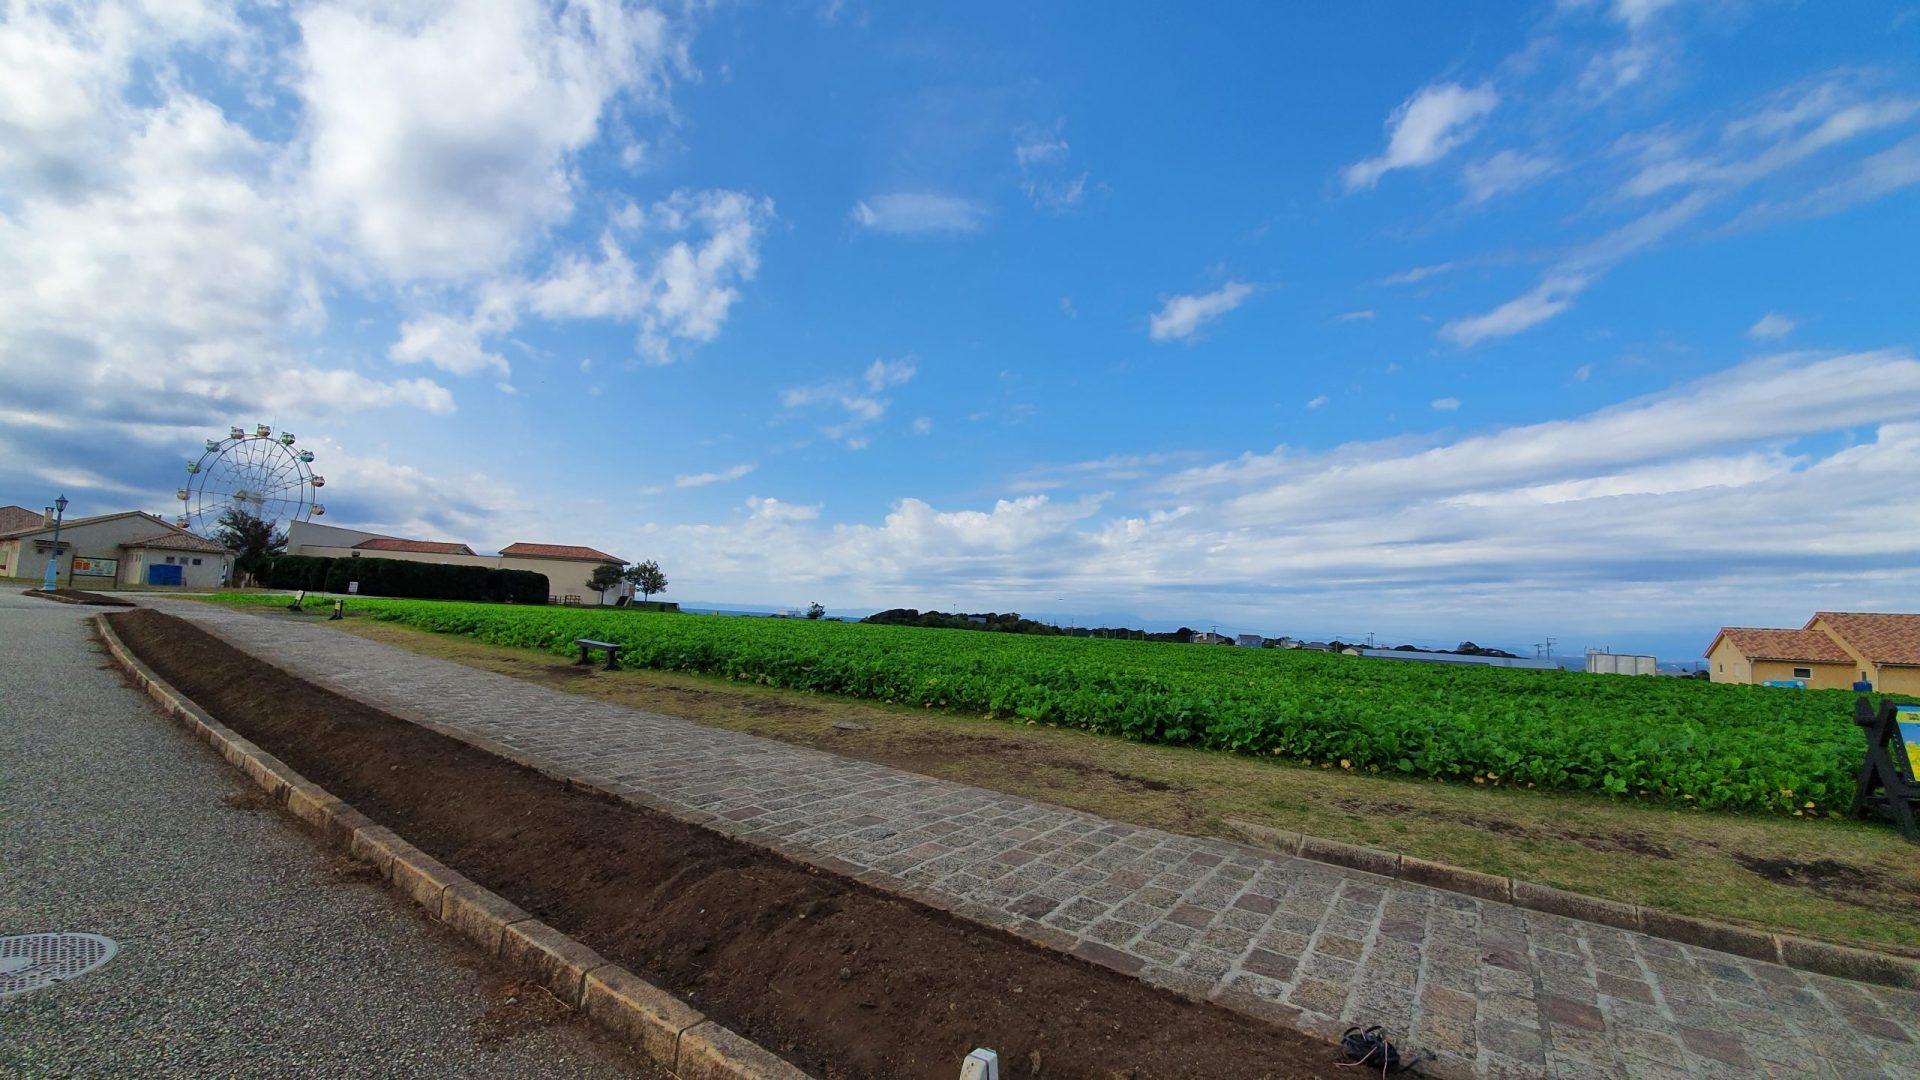 ソレイユの丘畑